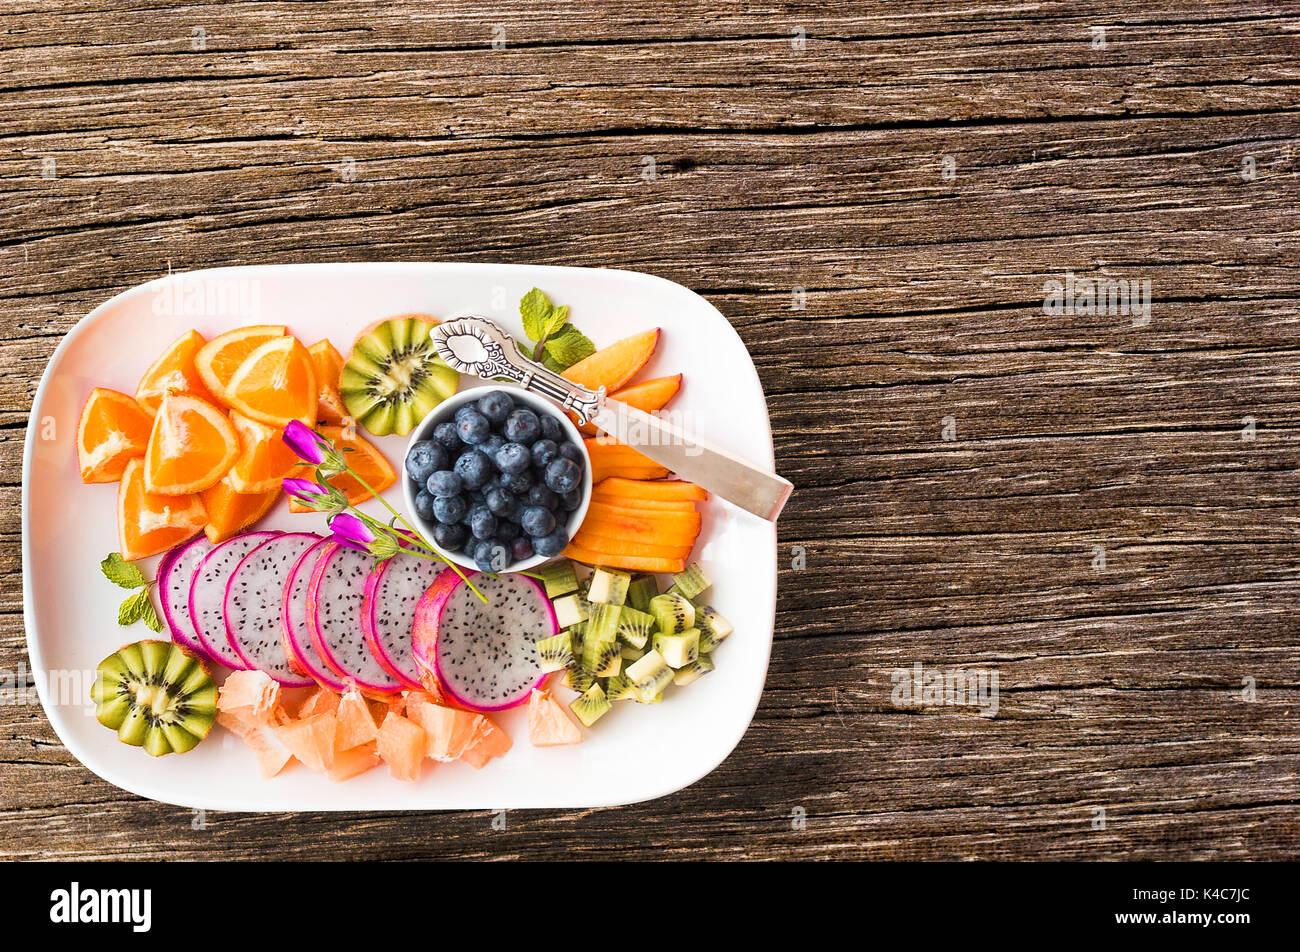 Pitaya, orange, kiwi, carrot, blueberry - Stock Image